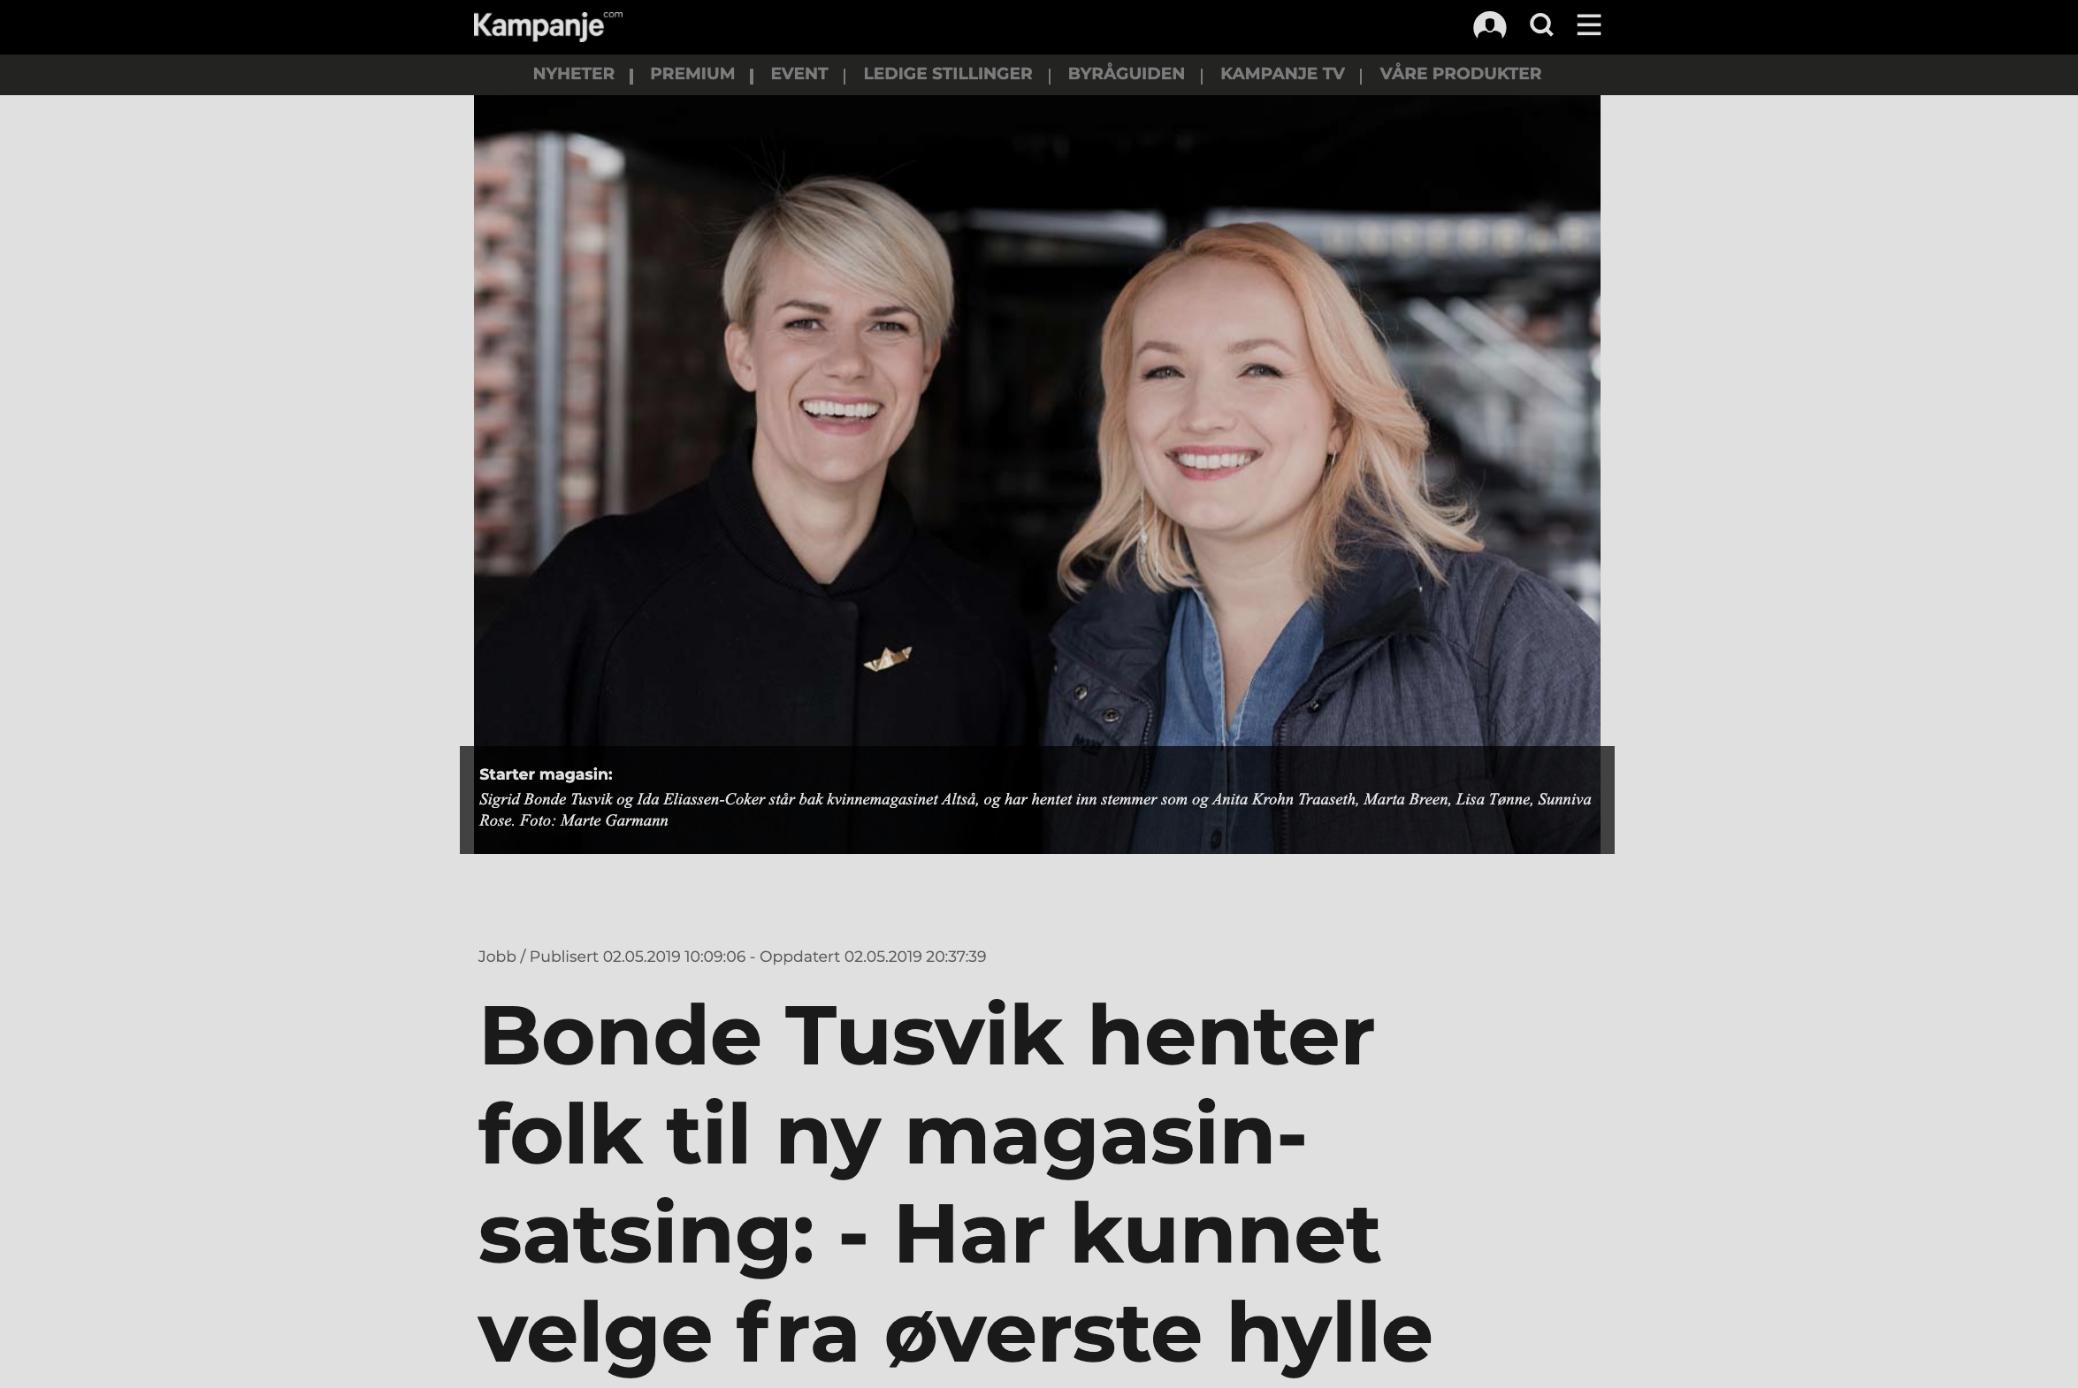 Bonde Tusvik henter folk til ny magasin-satsing: - Har kunnet velge fra øverste hylle